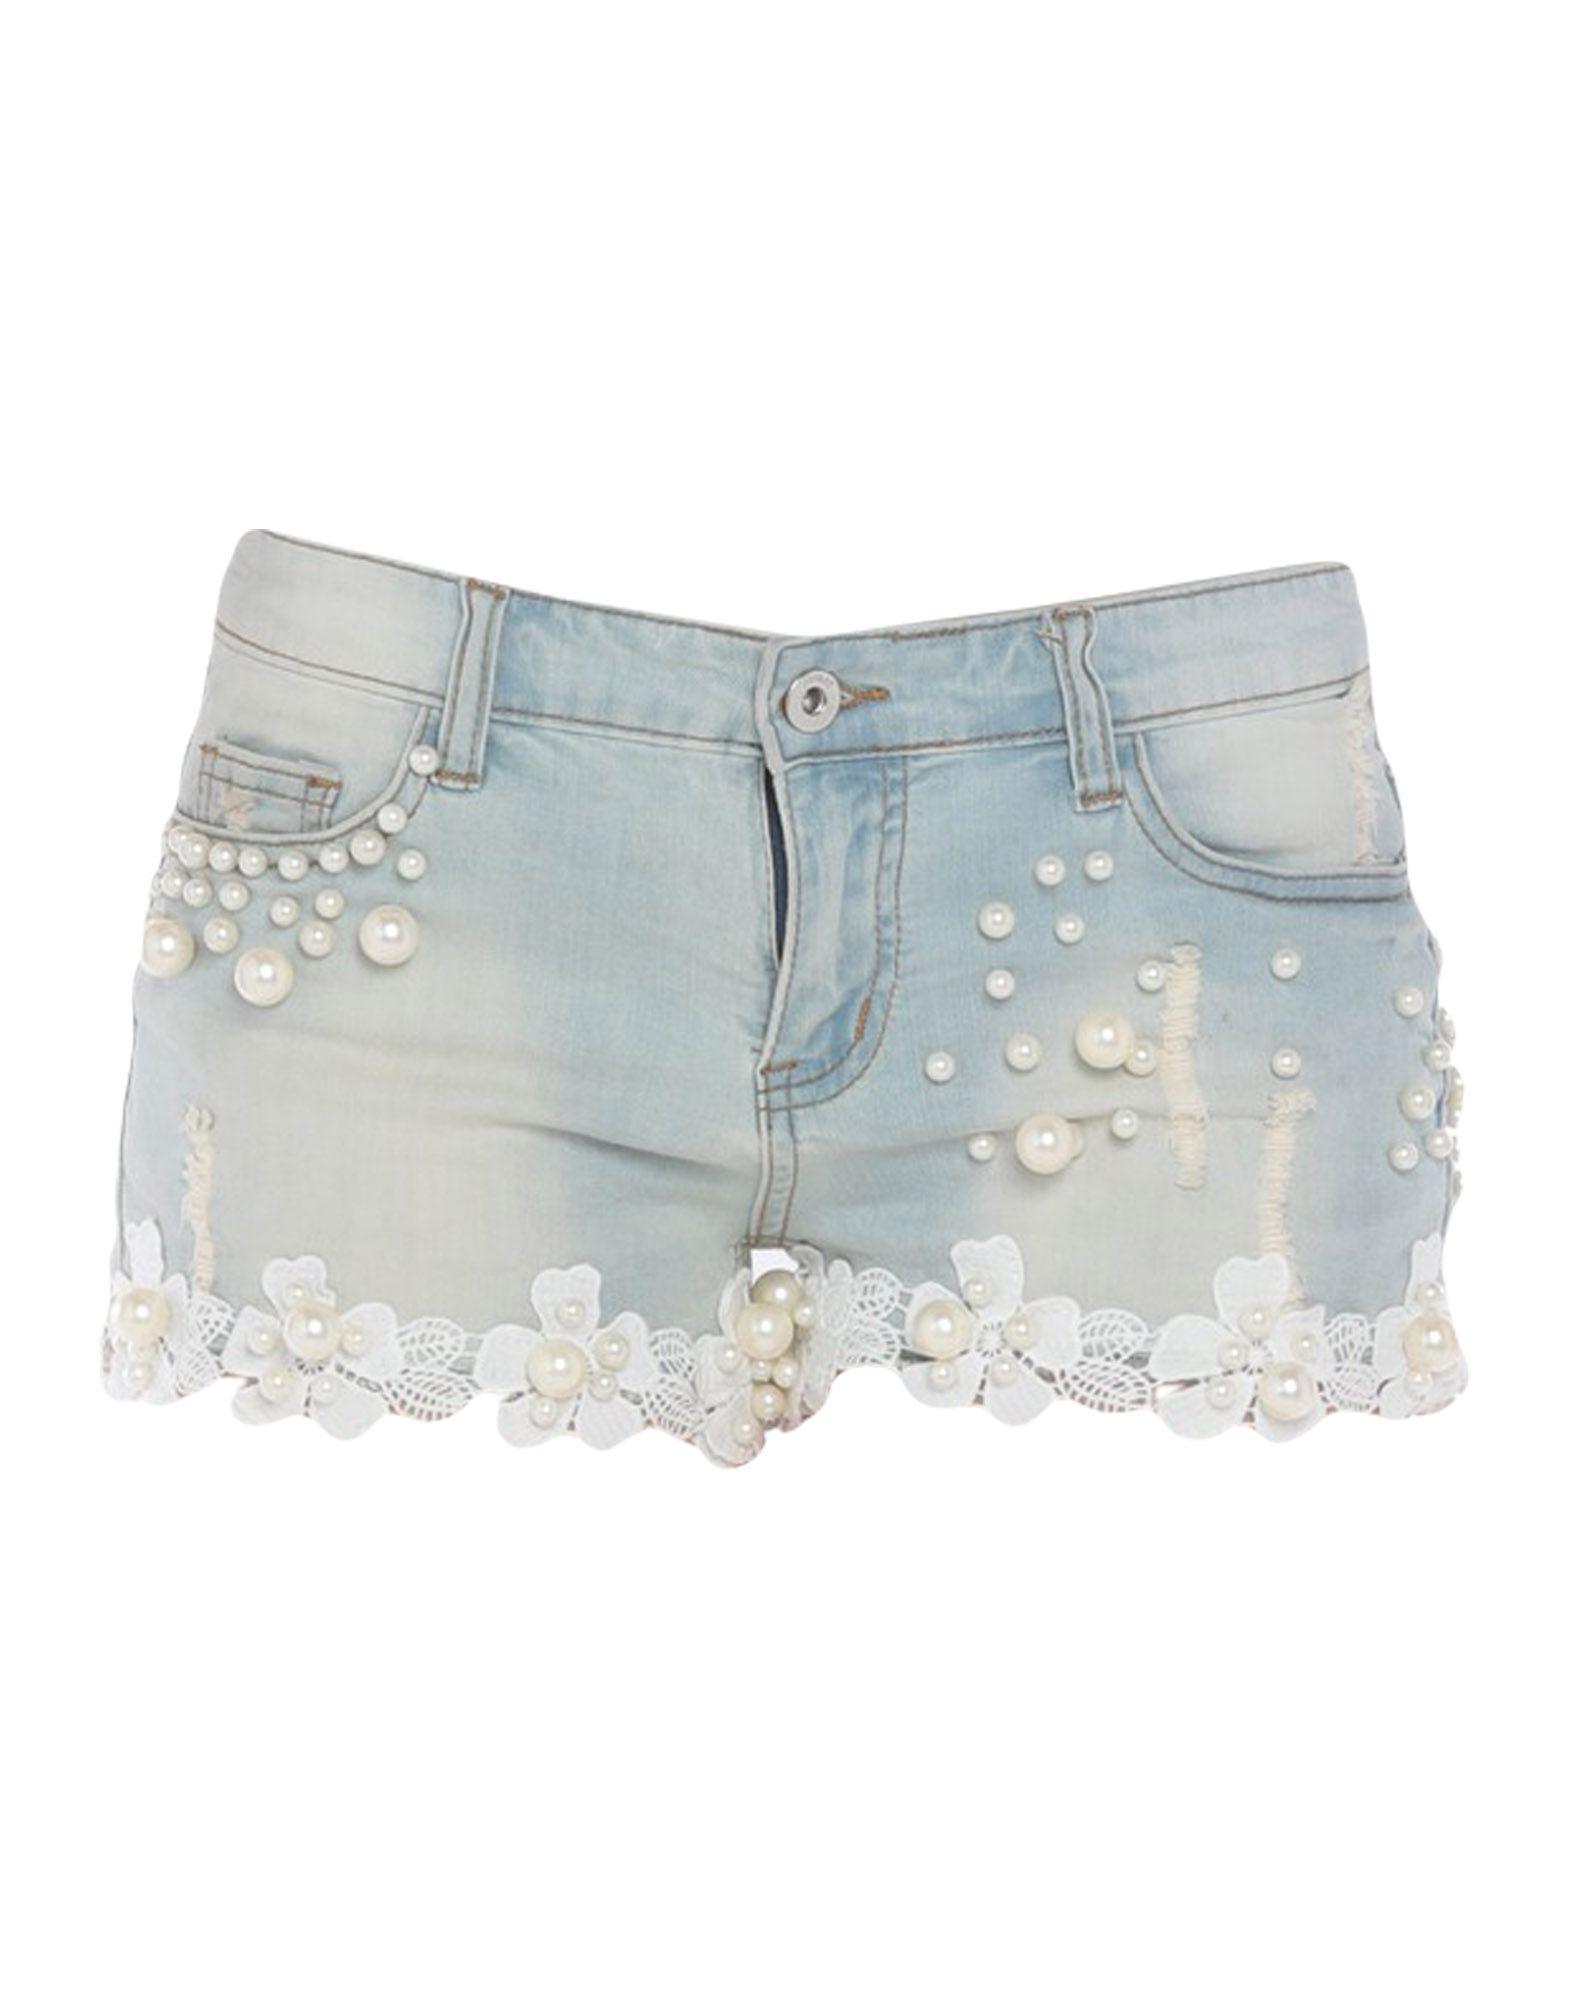 Фото - SWEET SECRETS Джинсовые шорты sweet secrets джинсовые брюки